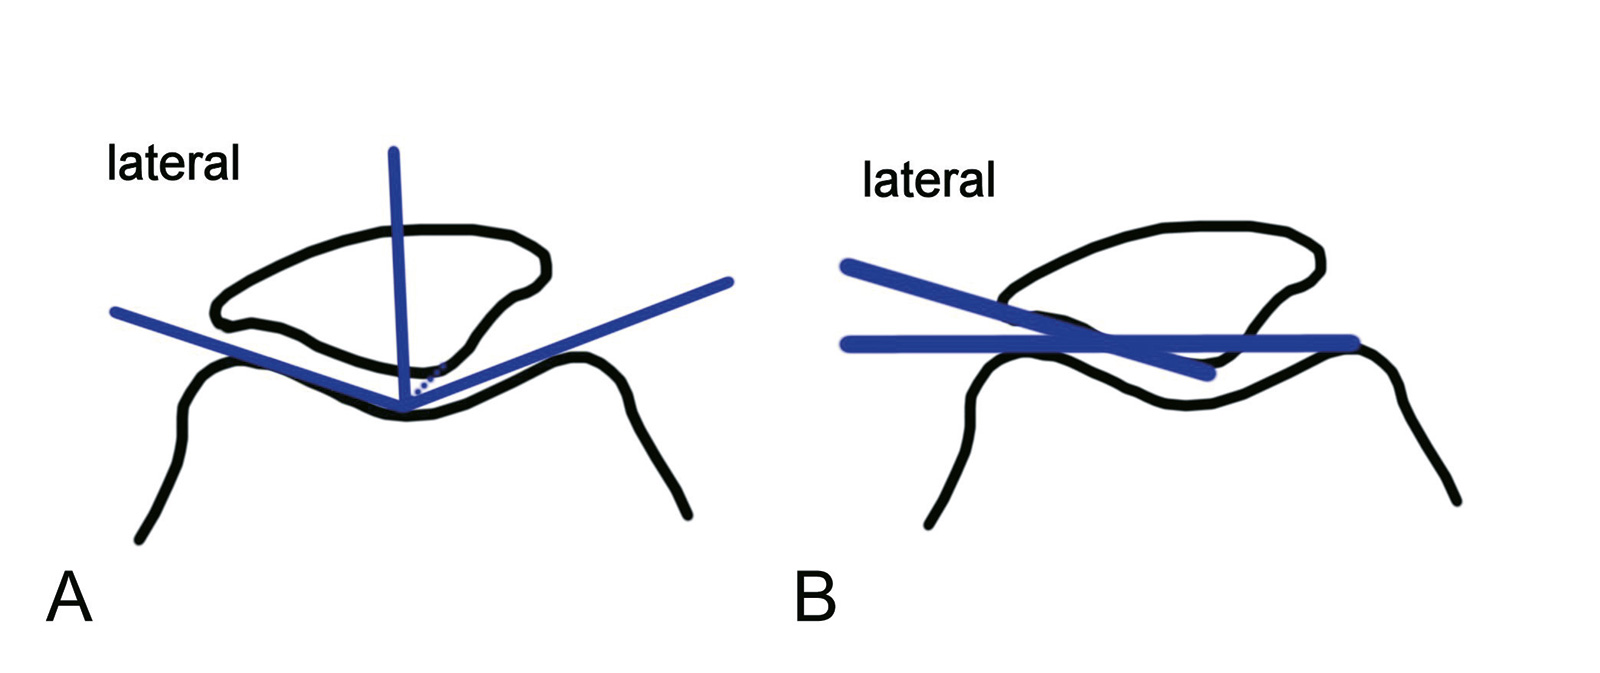 Abb. 4-31: Verbindung zwischen Patellafirst und tiefster Stelle des Sulcus intercondylaris liegt medial der Winkelhalbierenden des Sulcuswinkels (A), Laurin-Winkel (B)